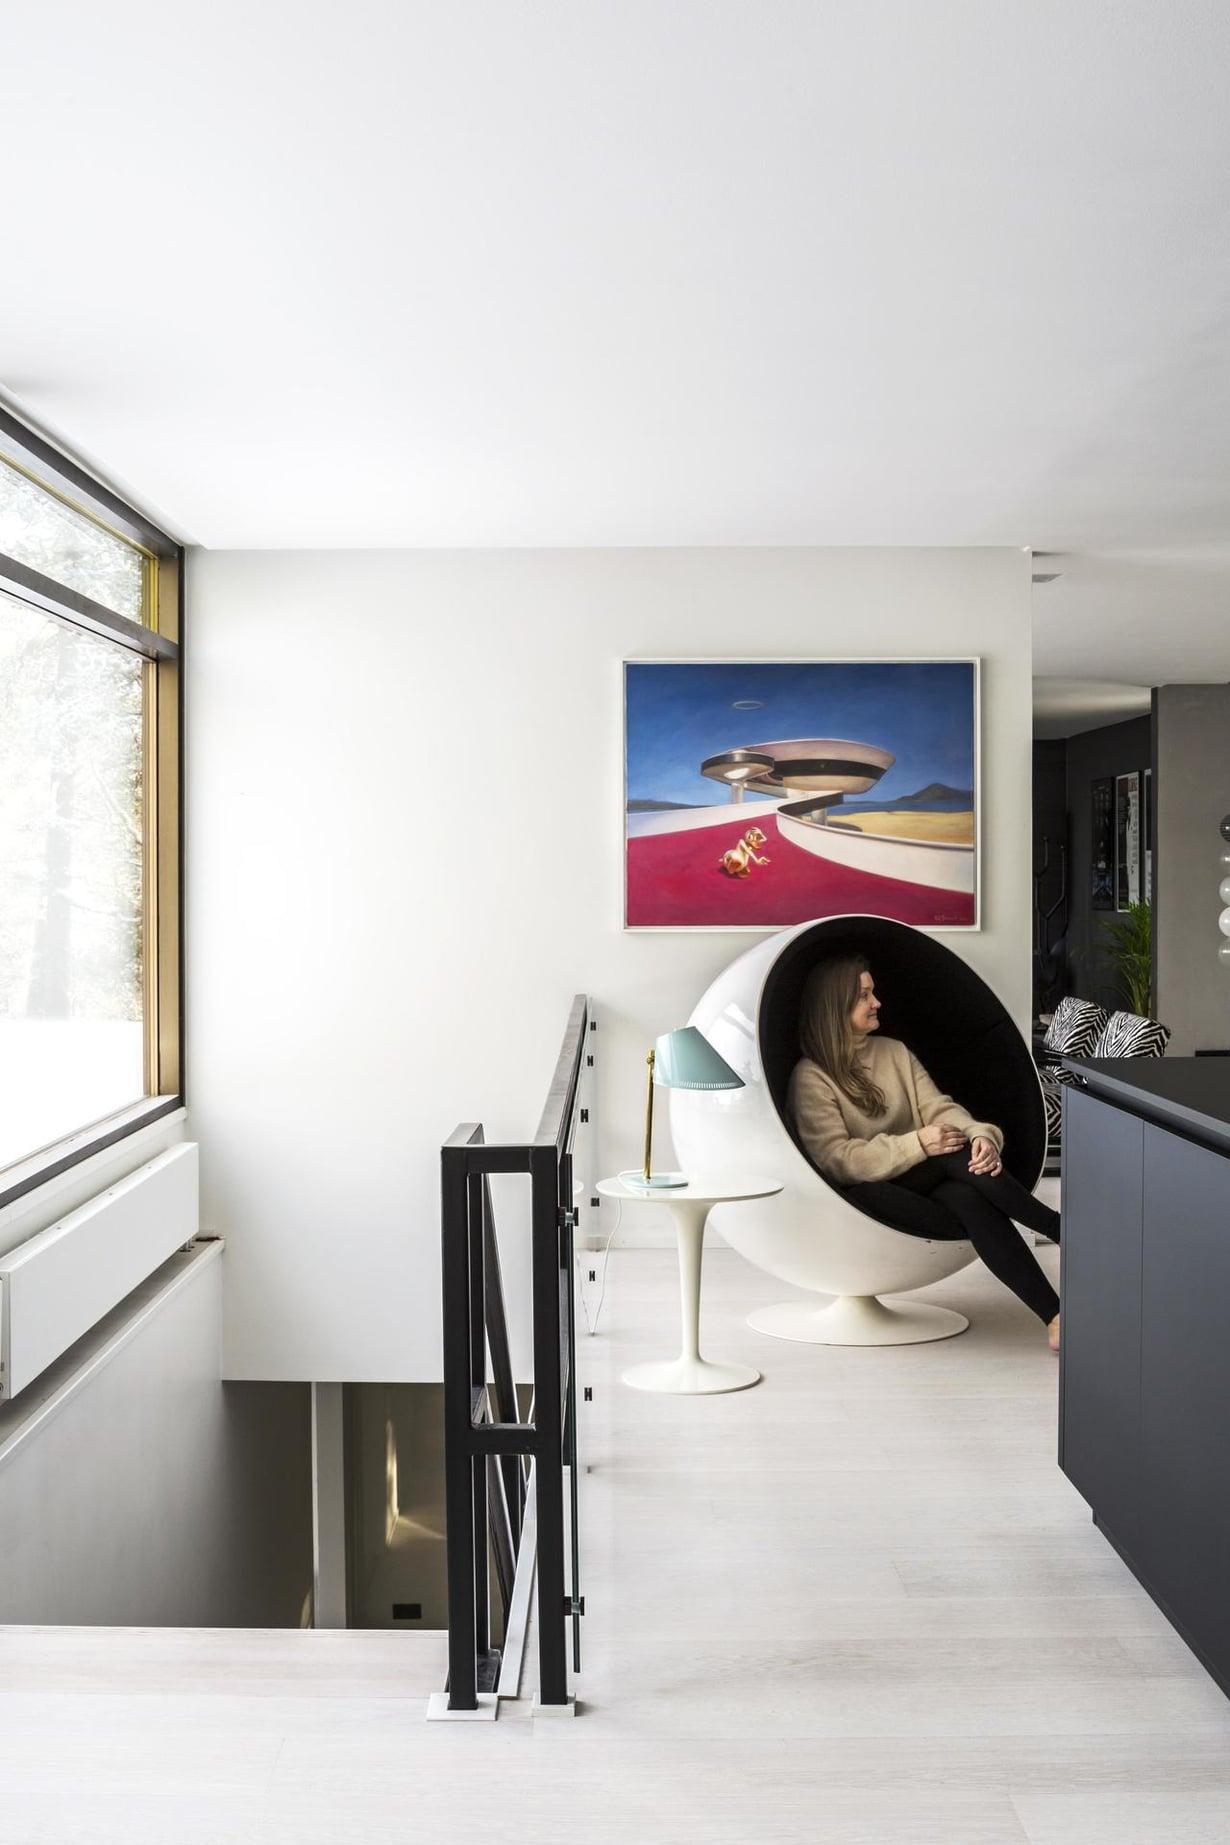 Keittiötilassa voi istuskella Eero Aarnion Pallotuolissa katsellen paraatipaikalta maisemaa. Pikkupöytä on Philippe Starckin Kartellille suunnittelema Tip Top. Pöydällä on Paavo Tynellin valaisin.